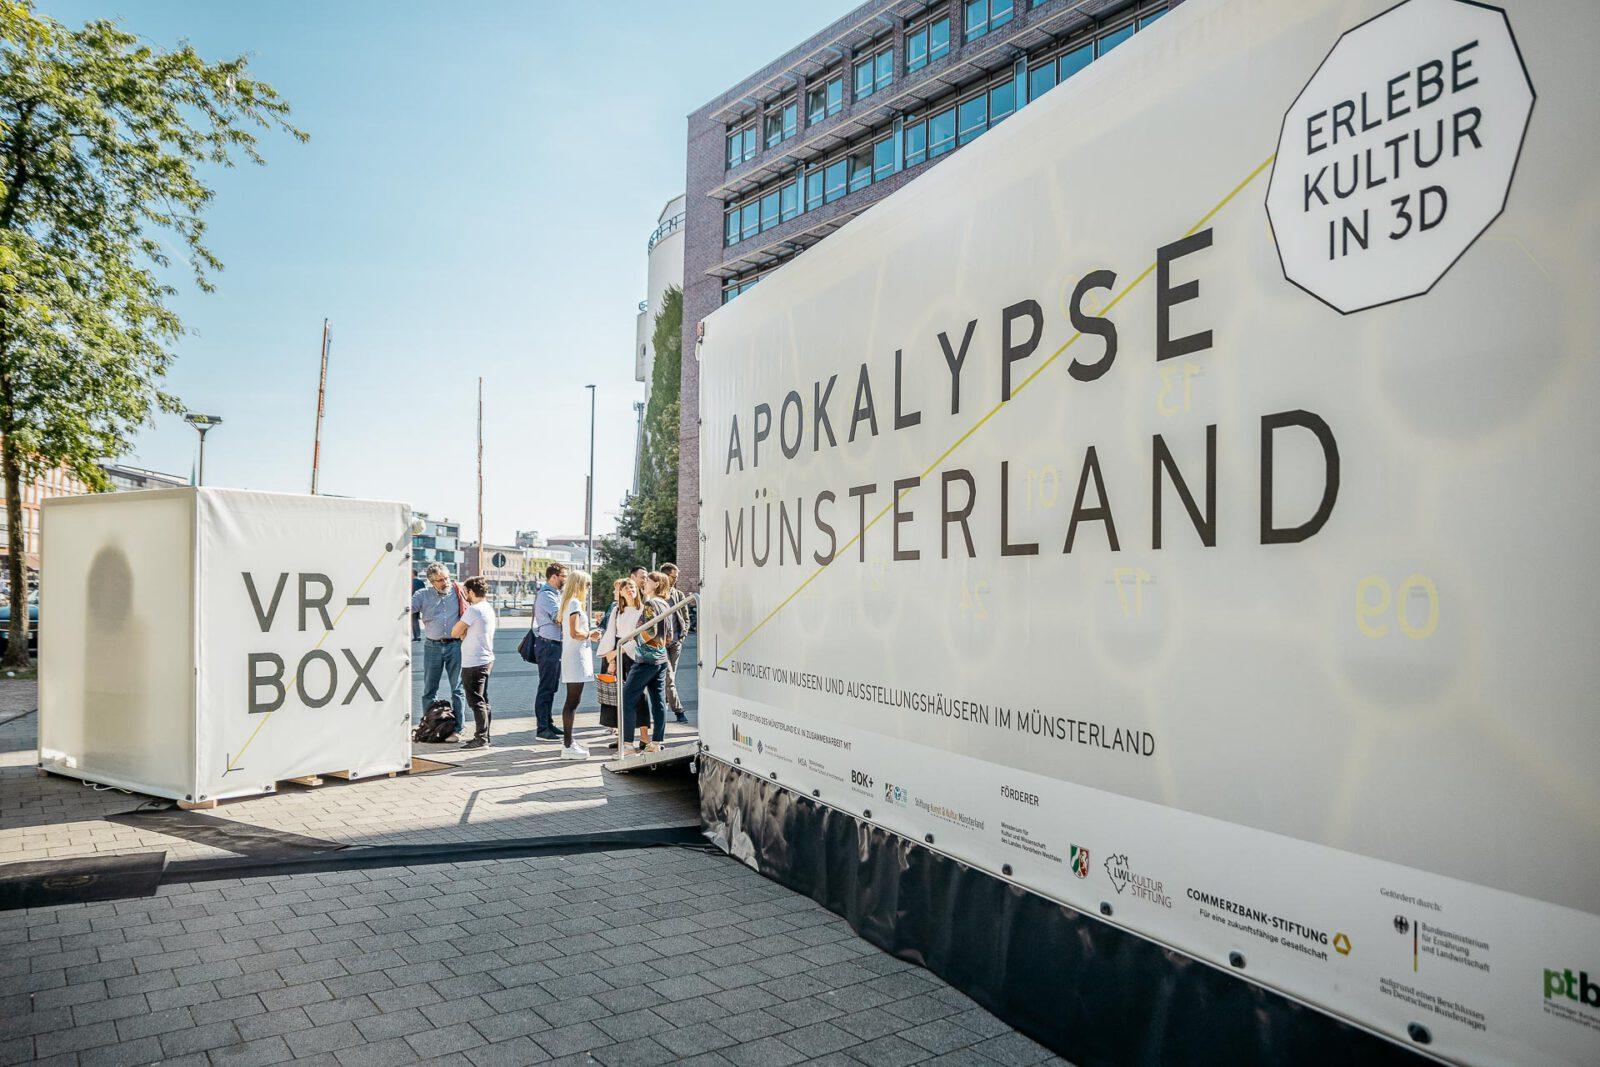 0_L_Apokalypse-Muensterland_23-08-2019_TE_9917